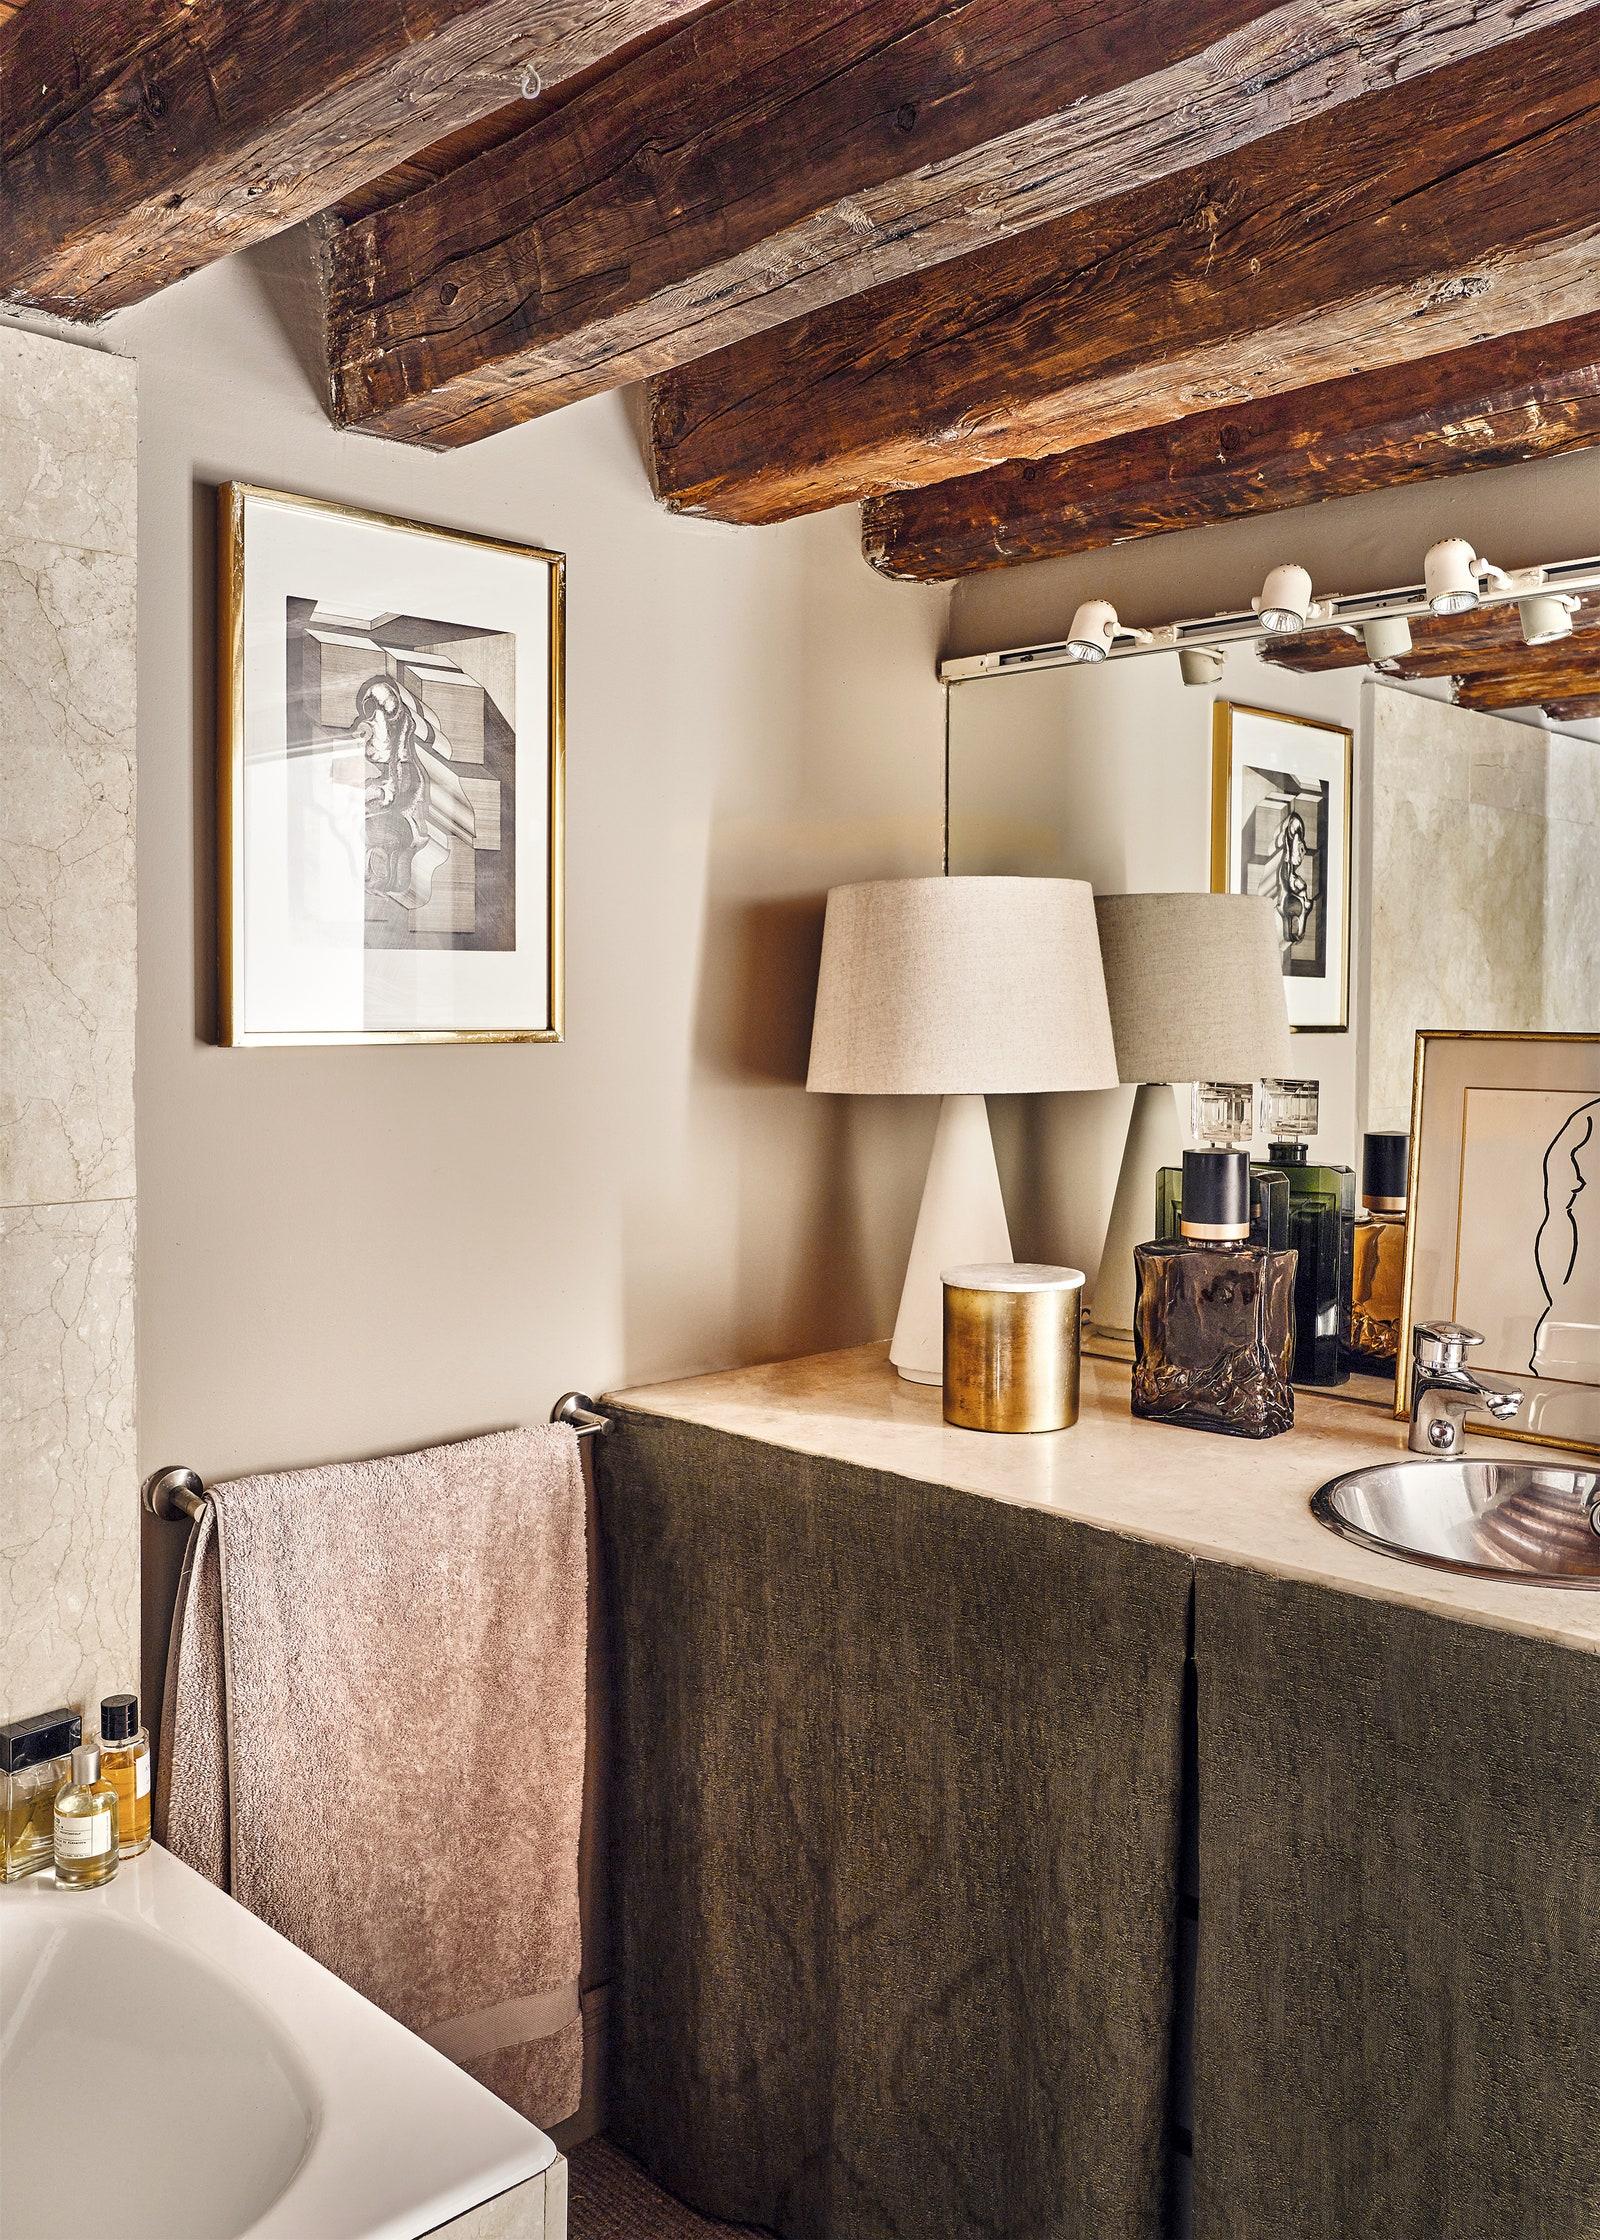 este_verano_practica_nesting_decoración_interiores_lifestyle_consejos-12